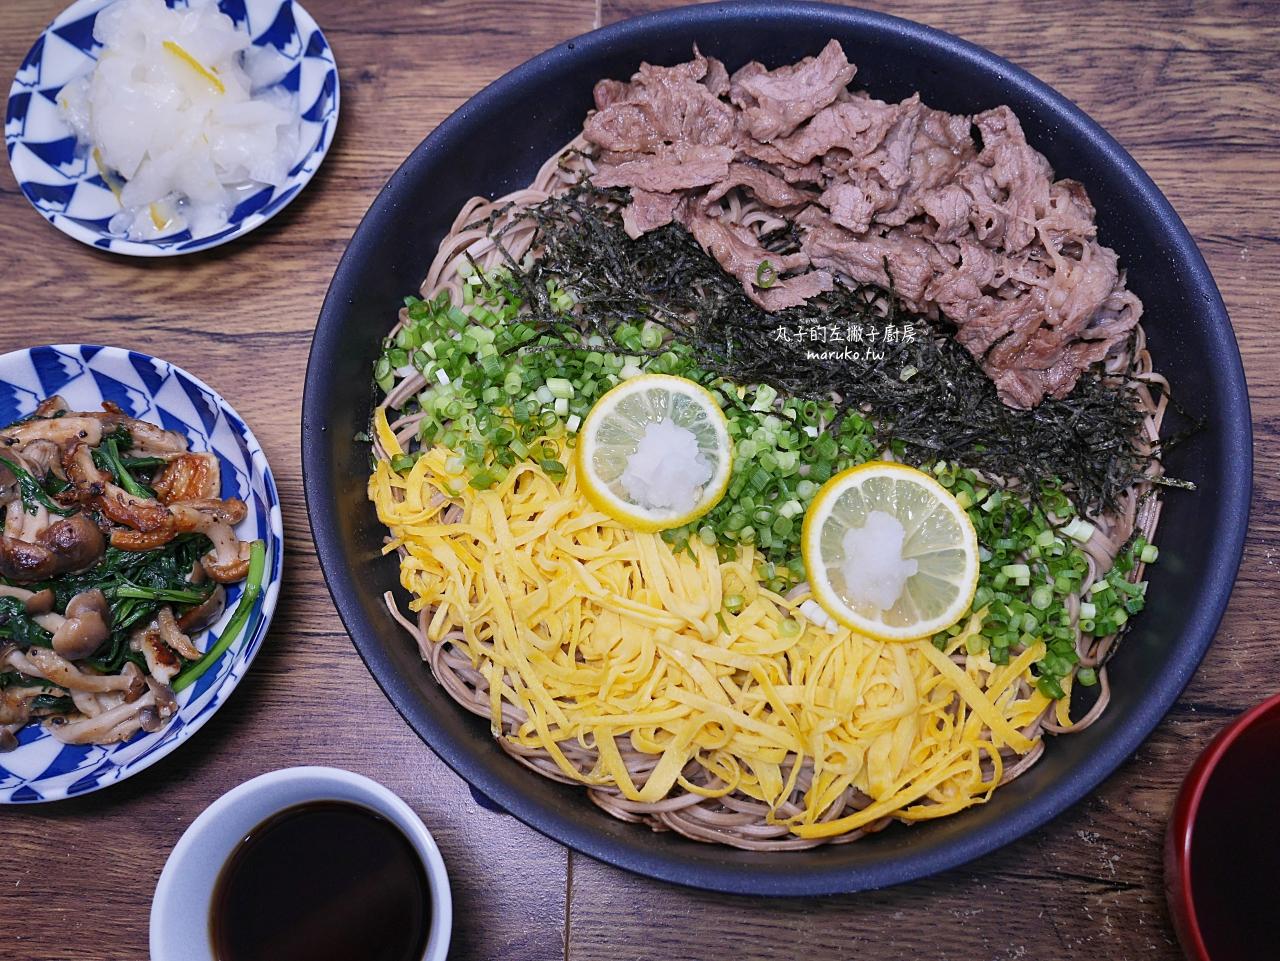 食譜|雲朵吐司的夢幻早午餐甜蜜滋味 @Maruko與美食有個約會